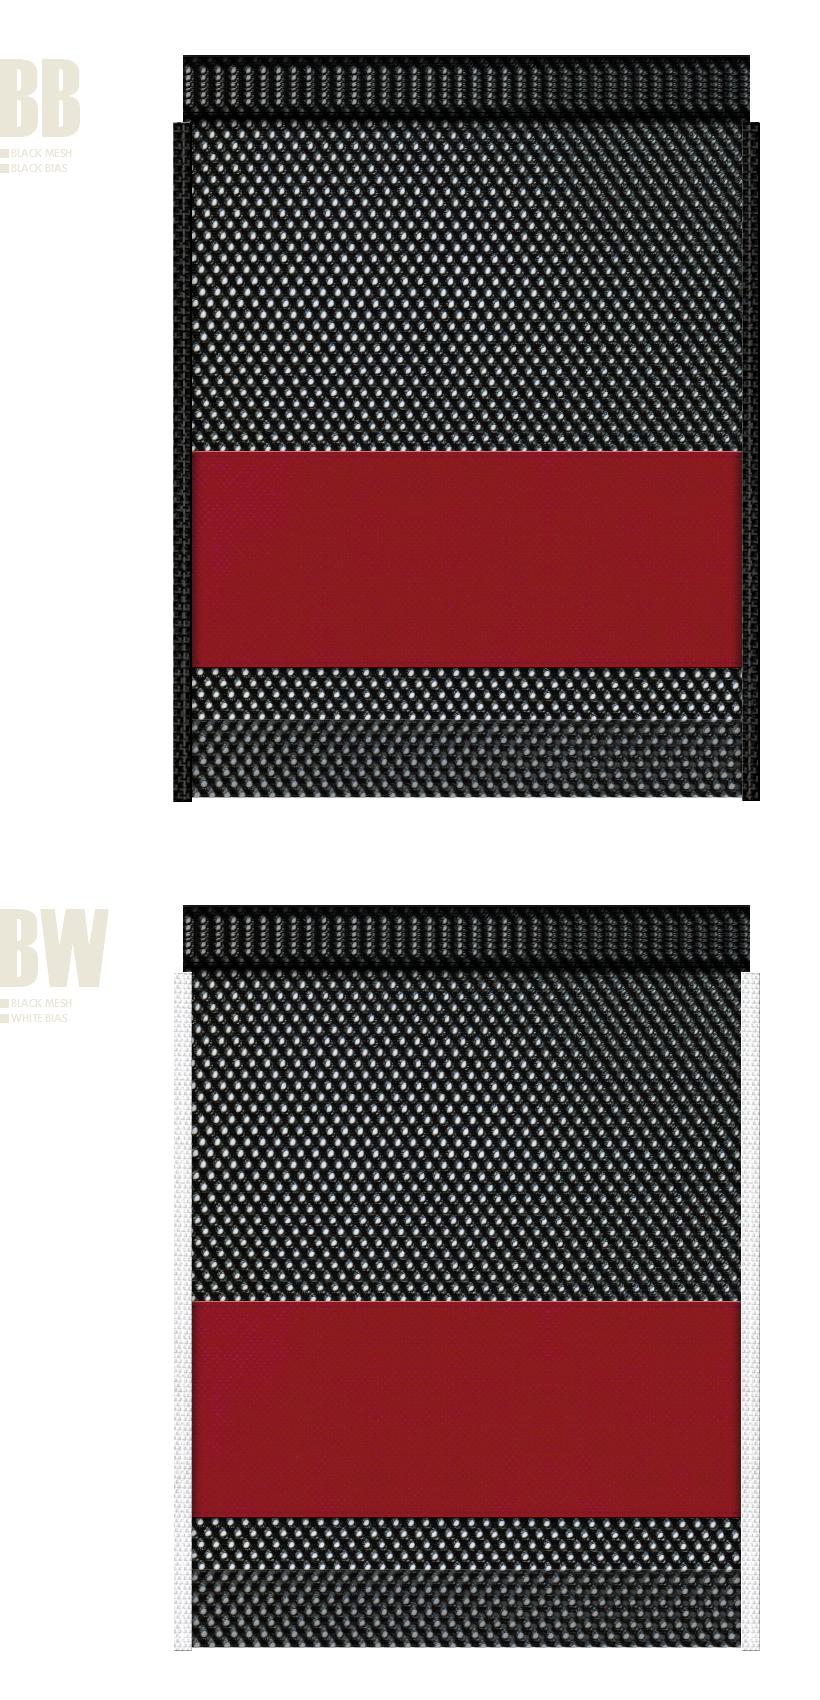 黒色メッシュとエンジ色不織布のメッシュバッグカラーシミュレーション:キャンプ用品・アウトドア用品・スポーツ用品・シューズバッグにお奨め